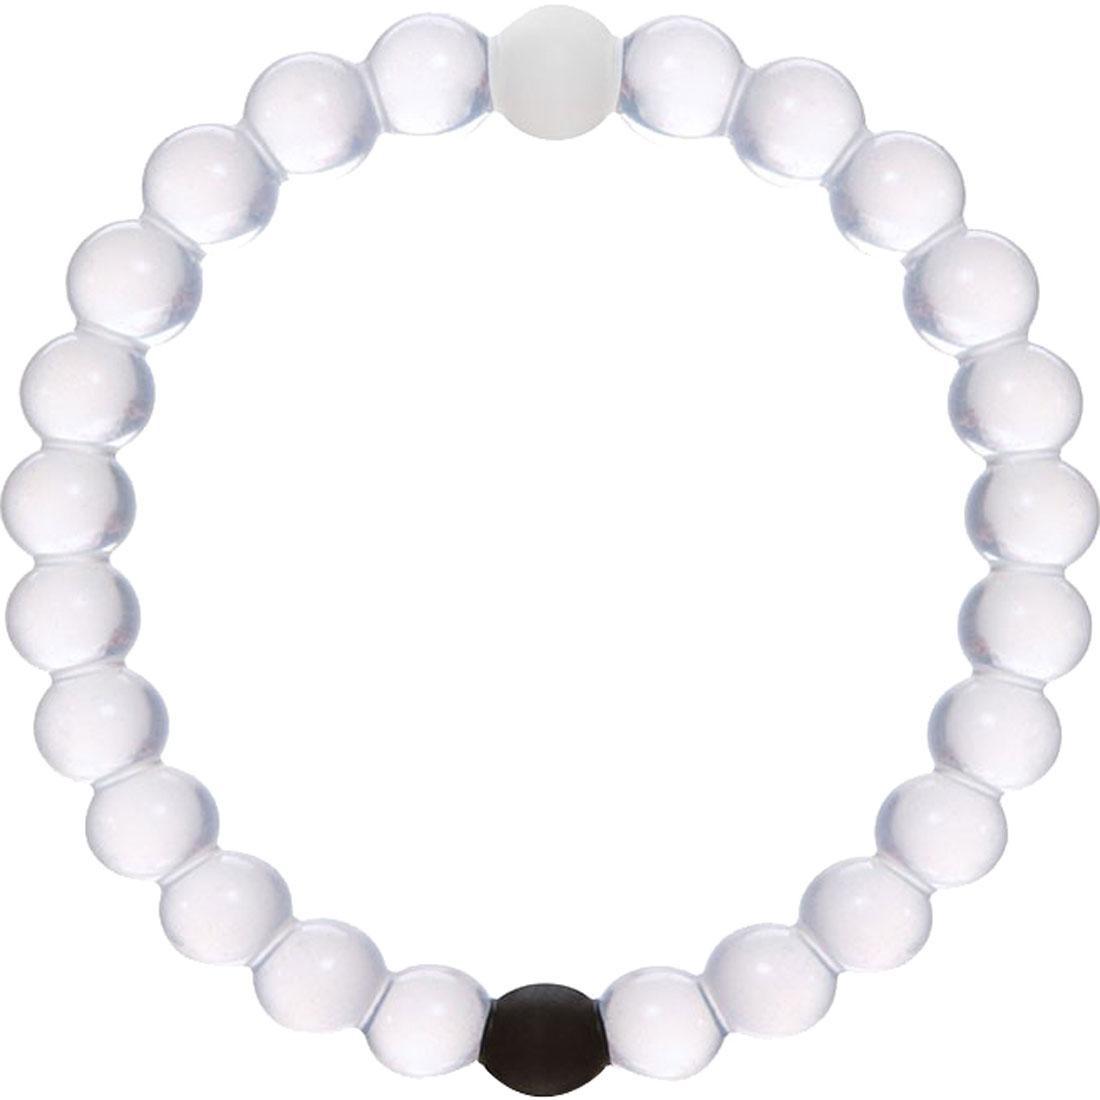 ブレスレット 黒 ブラック ジュエリー アクセサリー メンズジュエリー メンズ 【 Lokai Bracelet (white / Black / Clear) 】 White / Black / Clear